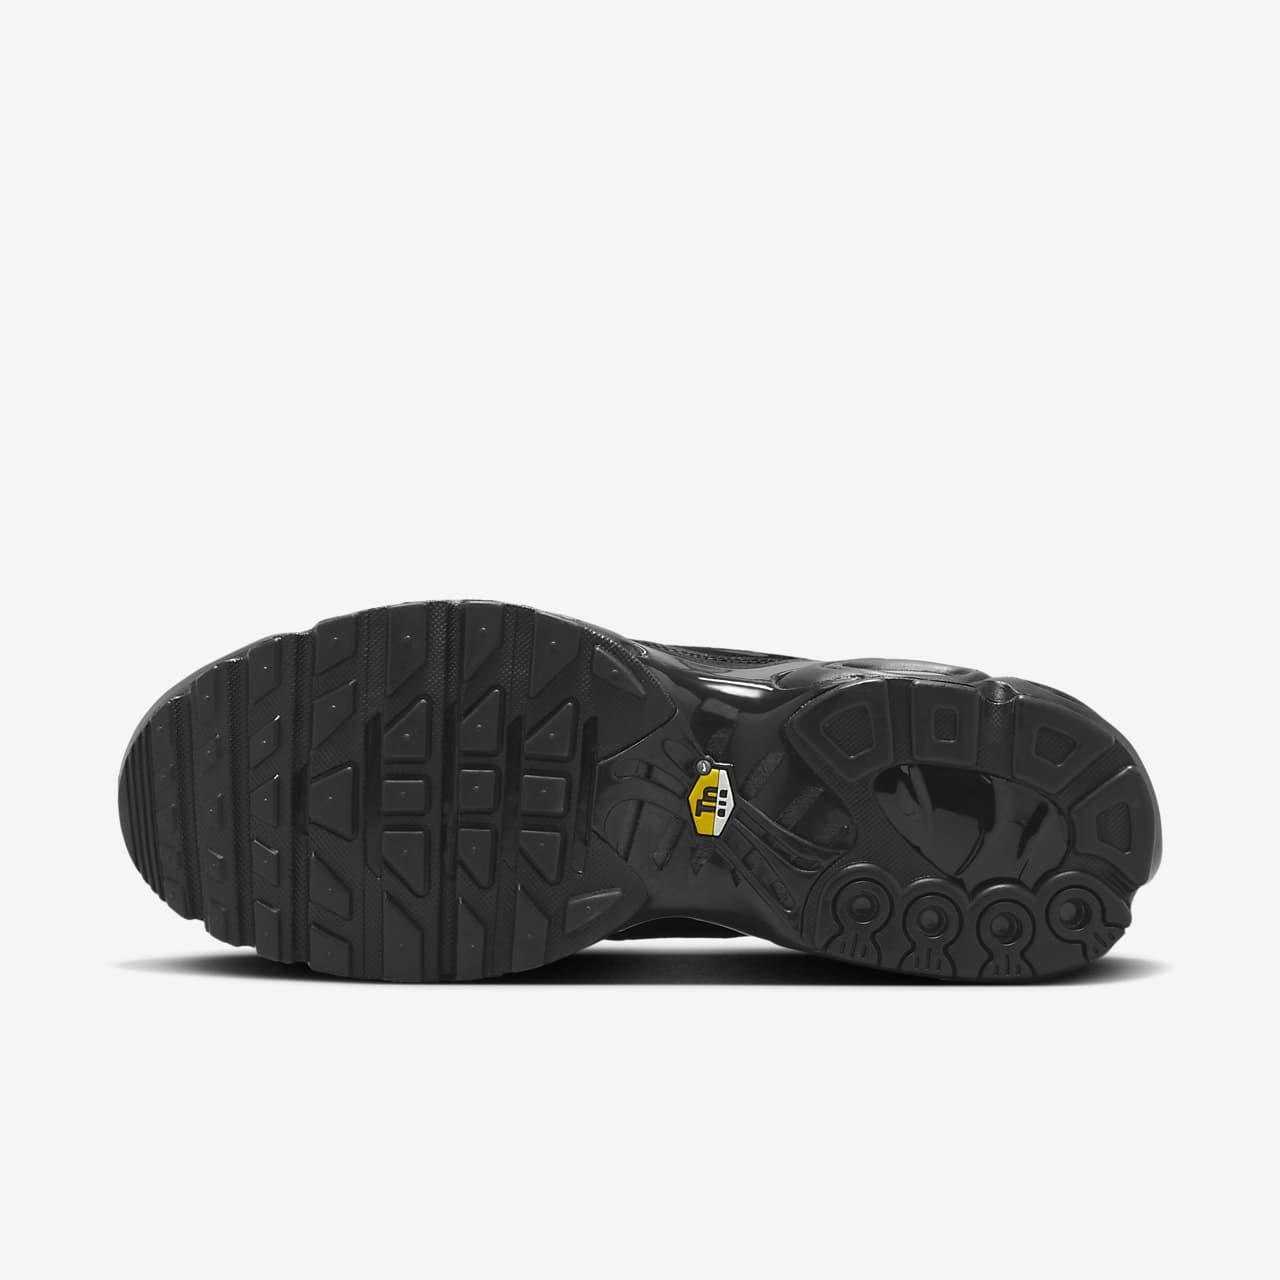 nike air max plus mens shoe